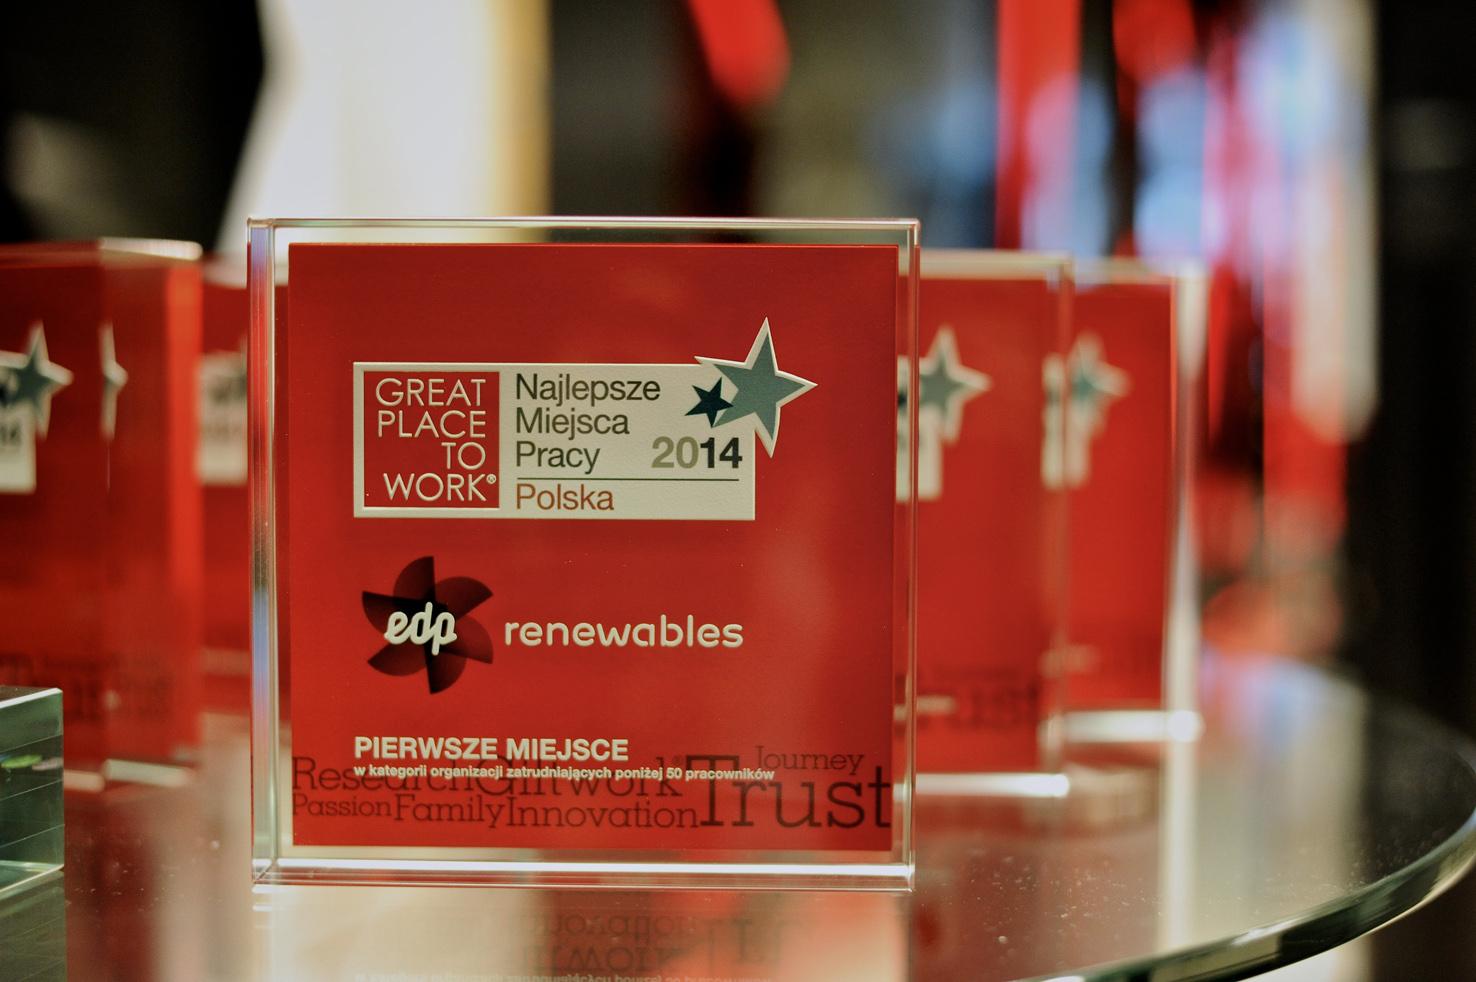 Energías renovables y eólica: EDPR, mejor lugar para trabajar en Polonia